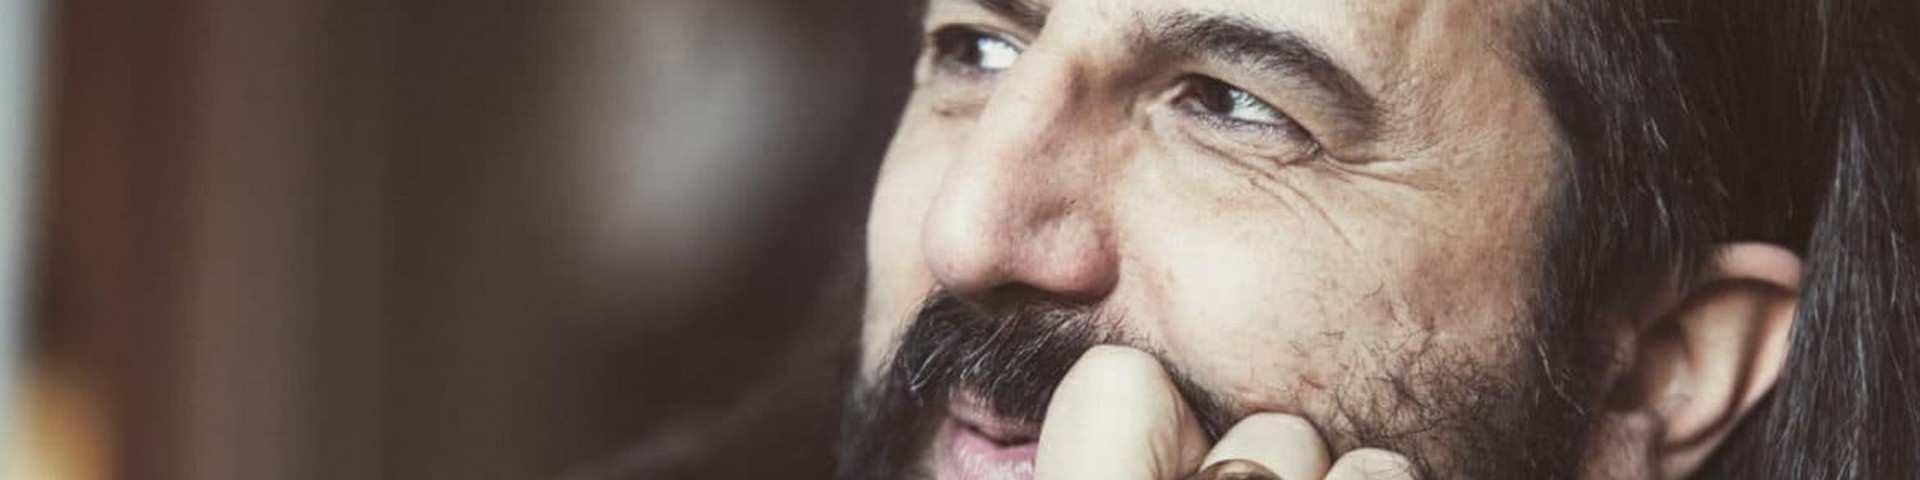 Omar Pedrini e l'esibizione tagliata al Primo Maggio: ecco cos'è successo